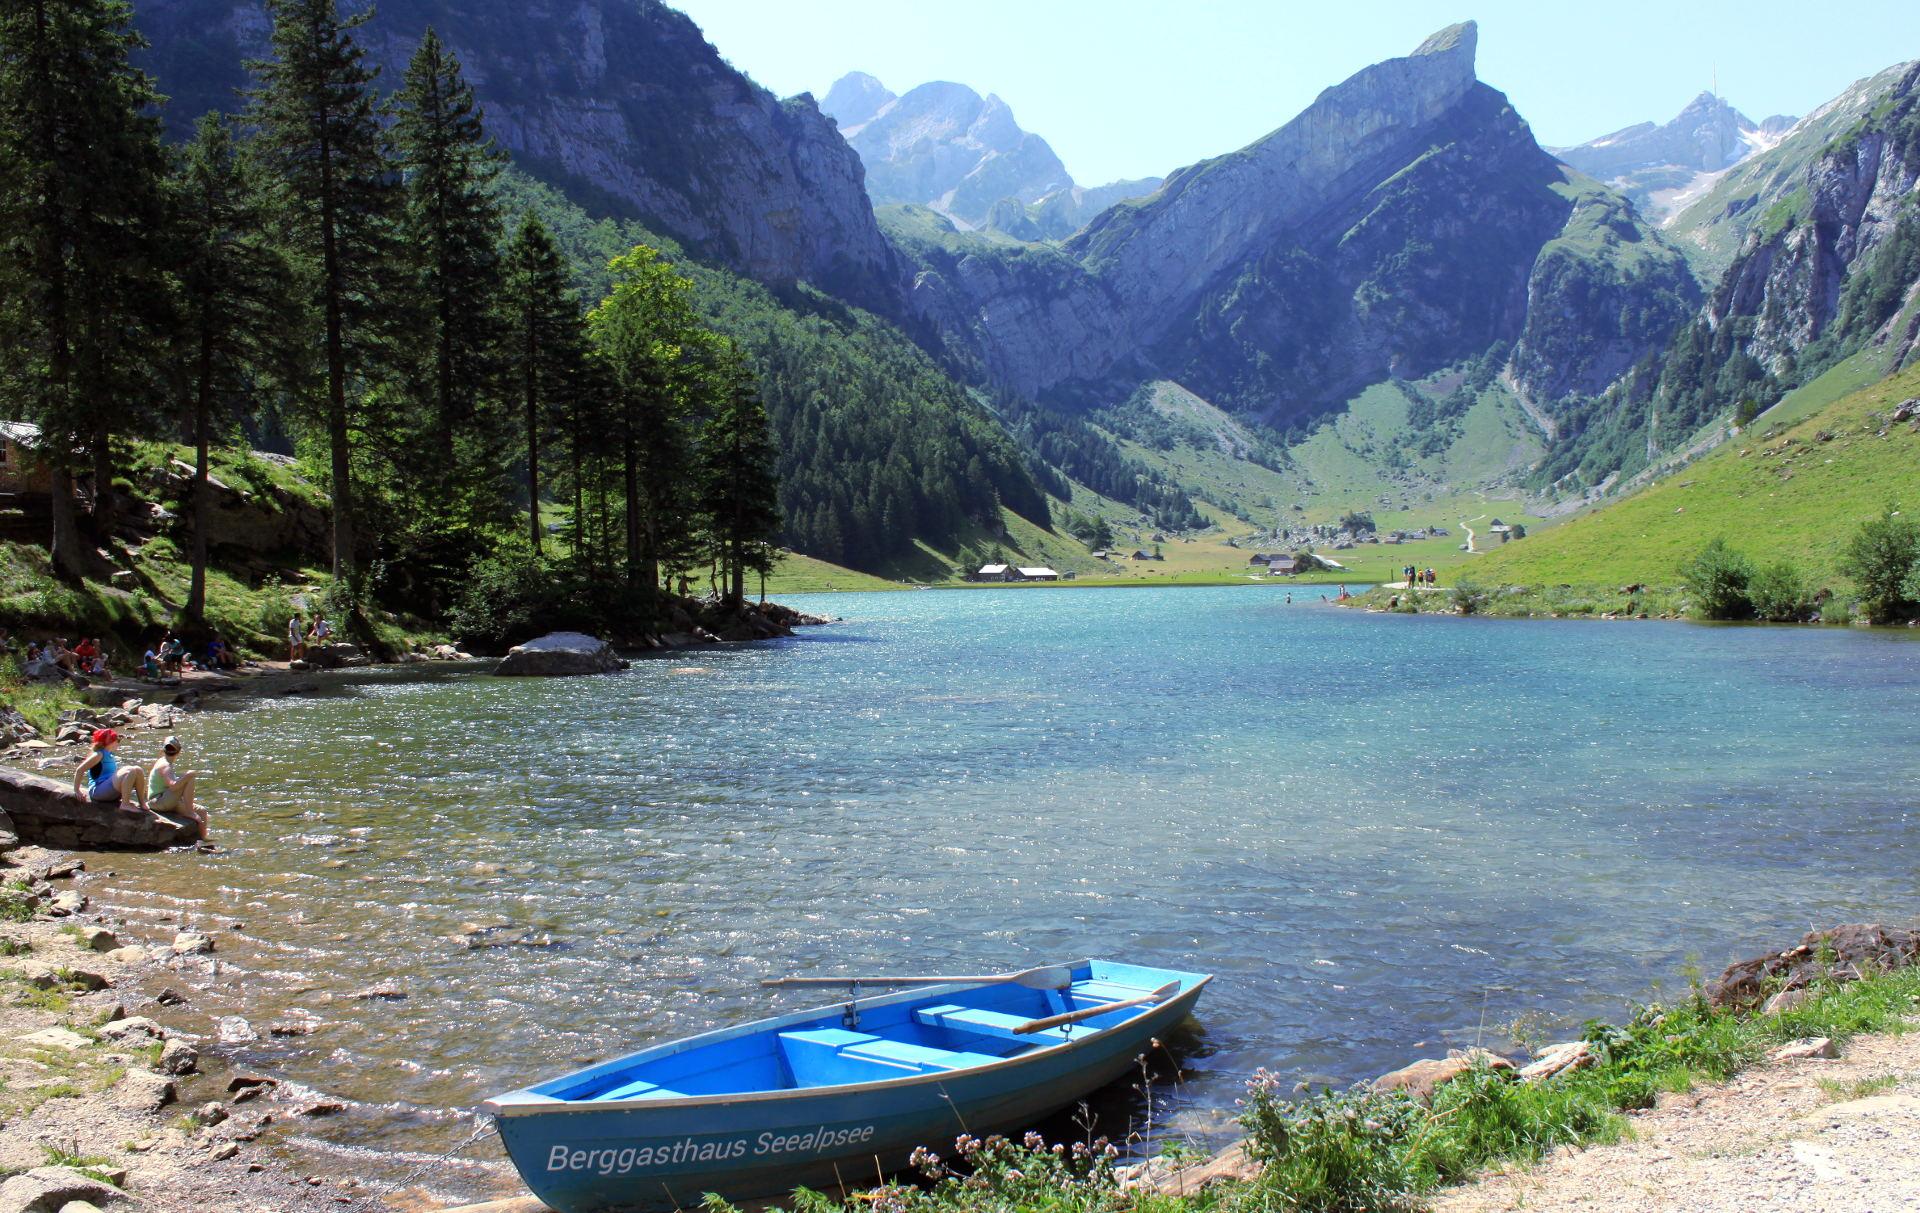 szwajcaria seealpsee jezioro natura łódka iglawpodrozy